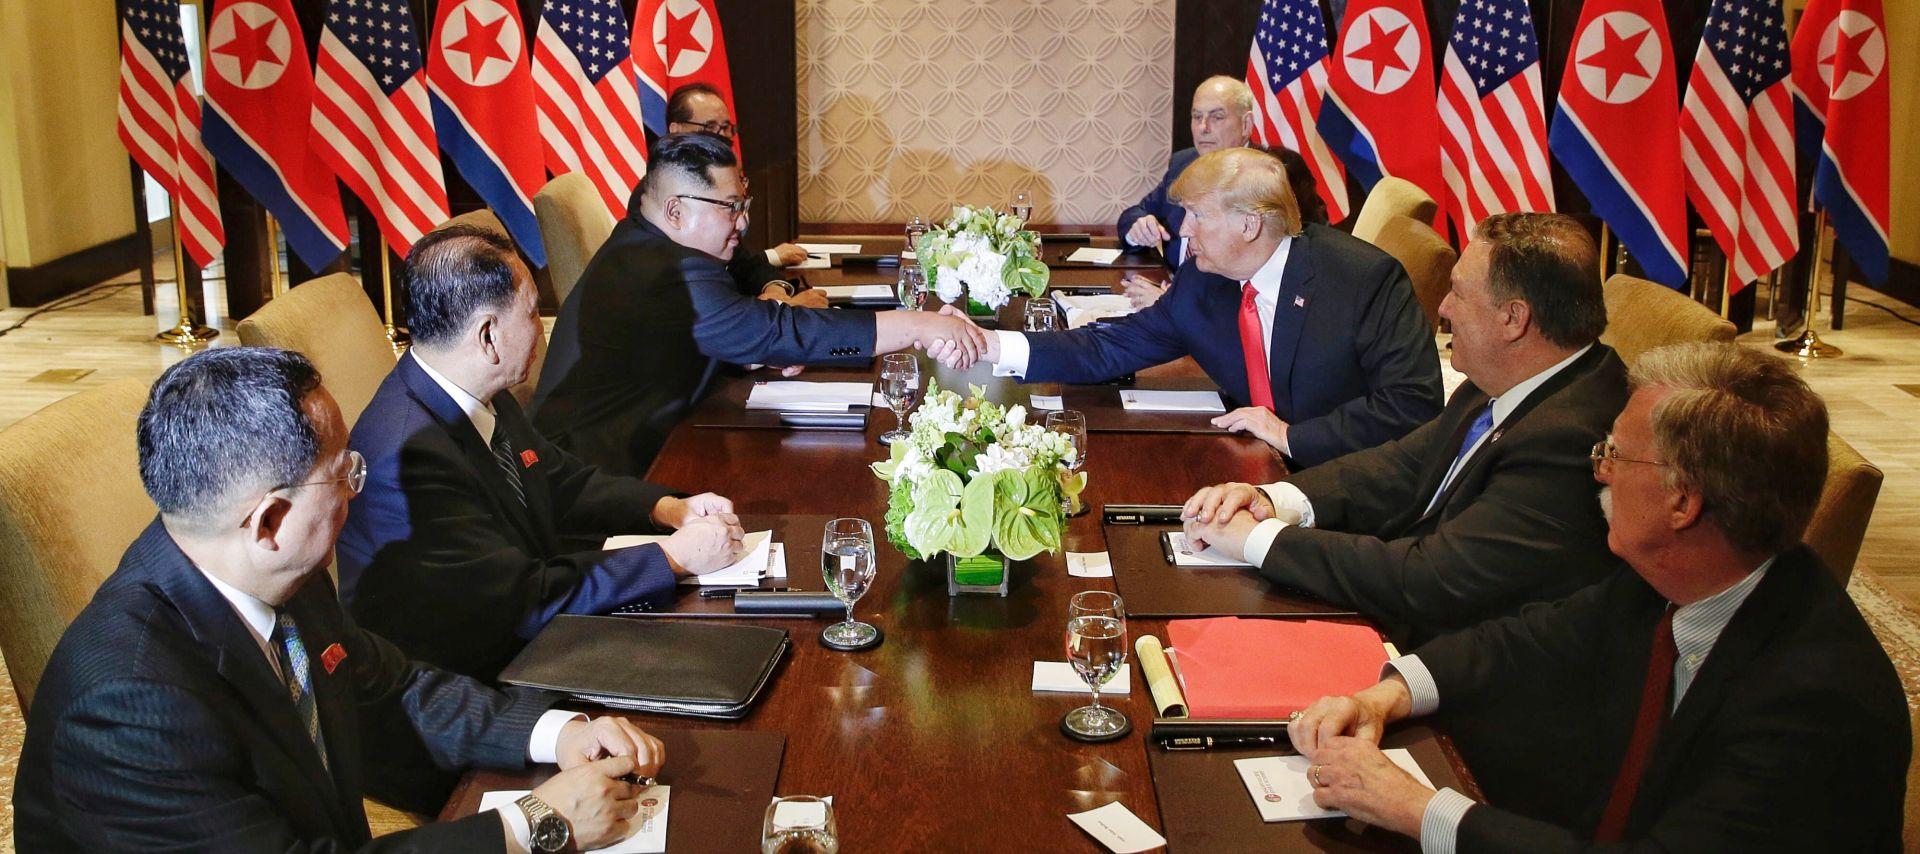 Trump i Kim potpisali dokument zasad nepoznata sadržaja